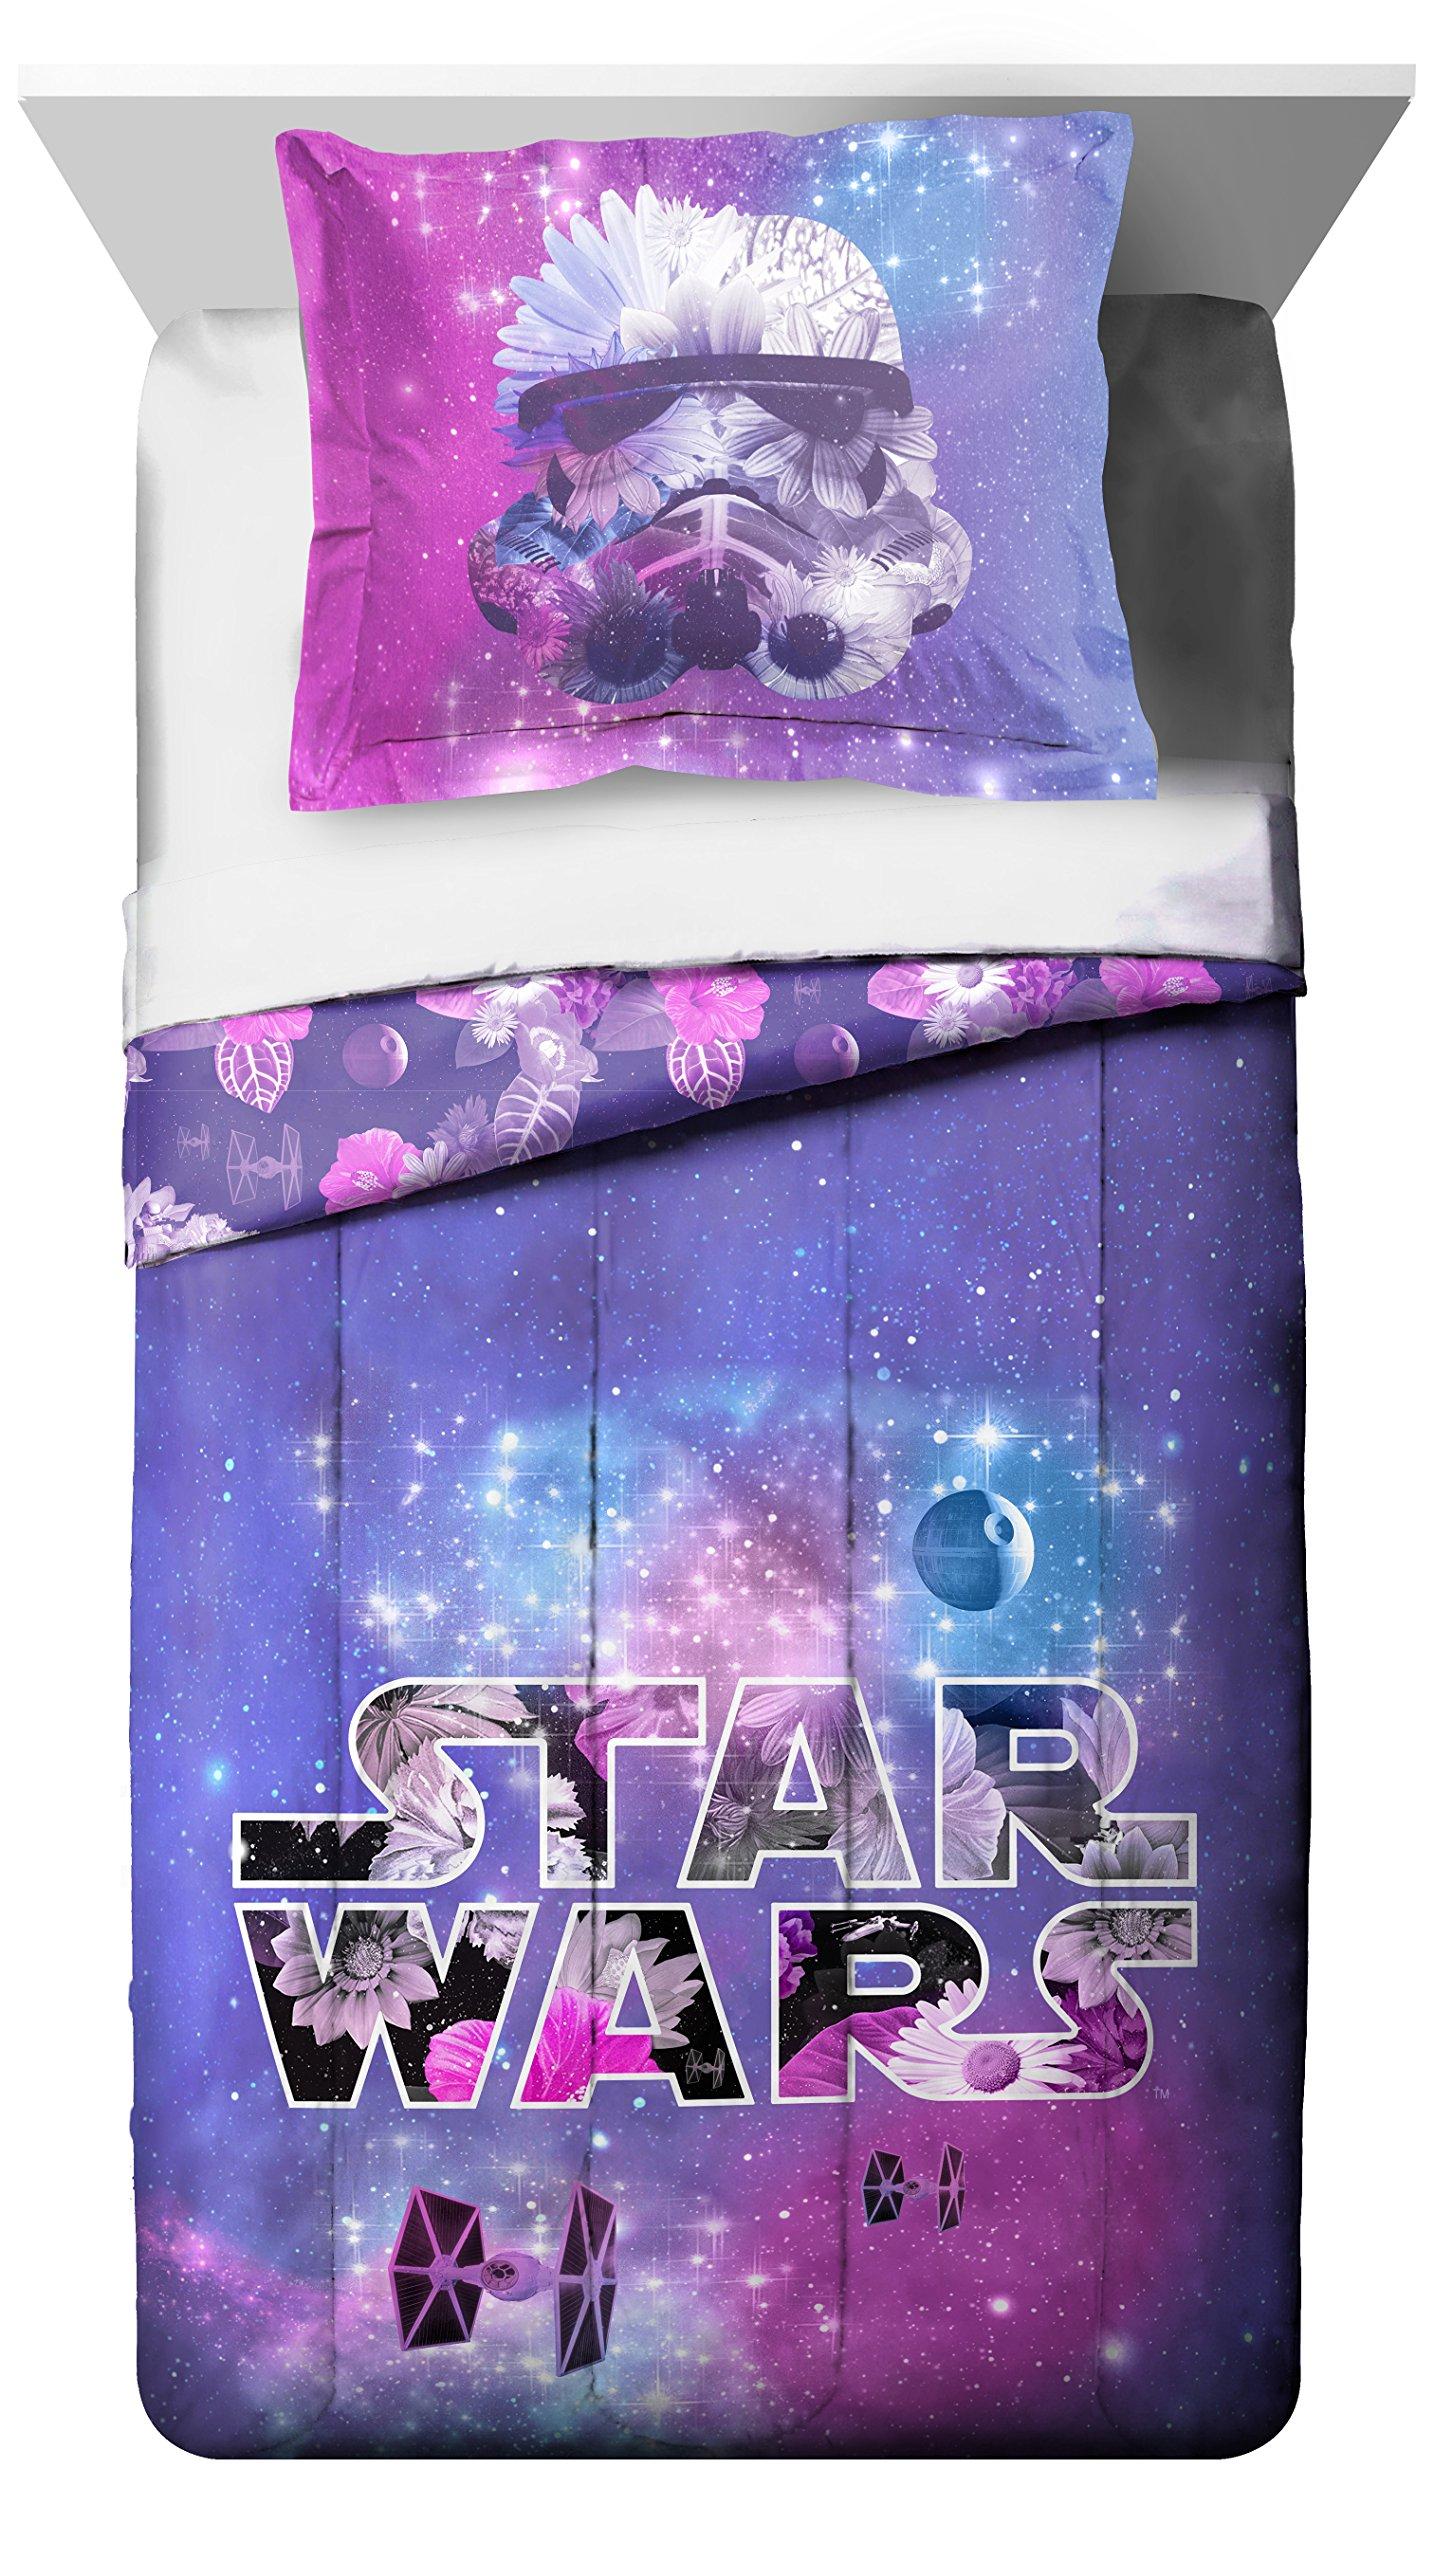 Star Wars Galaxy in Bloom Reversible Comforter & Sham, Full/Queen